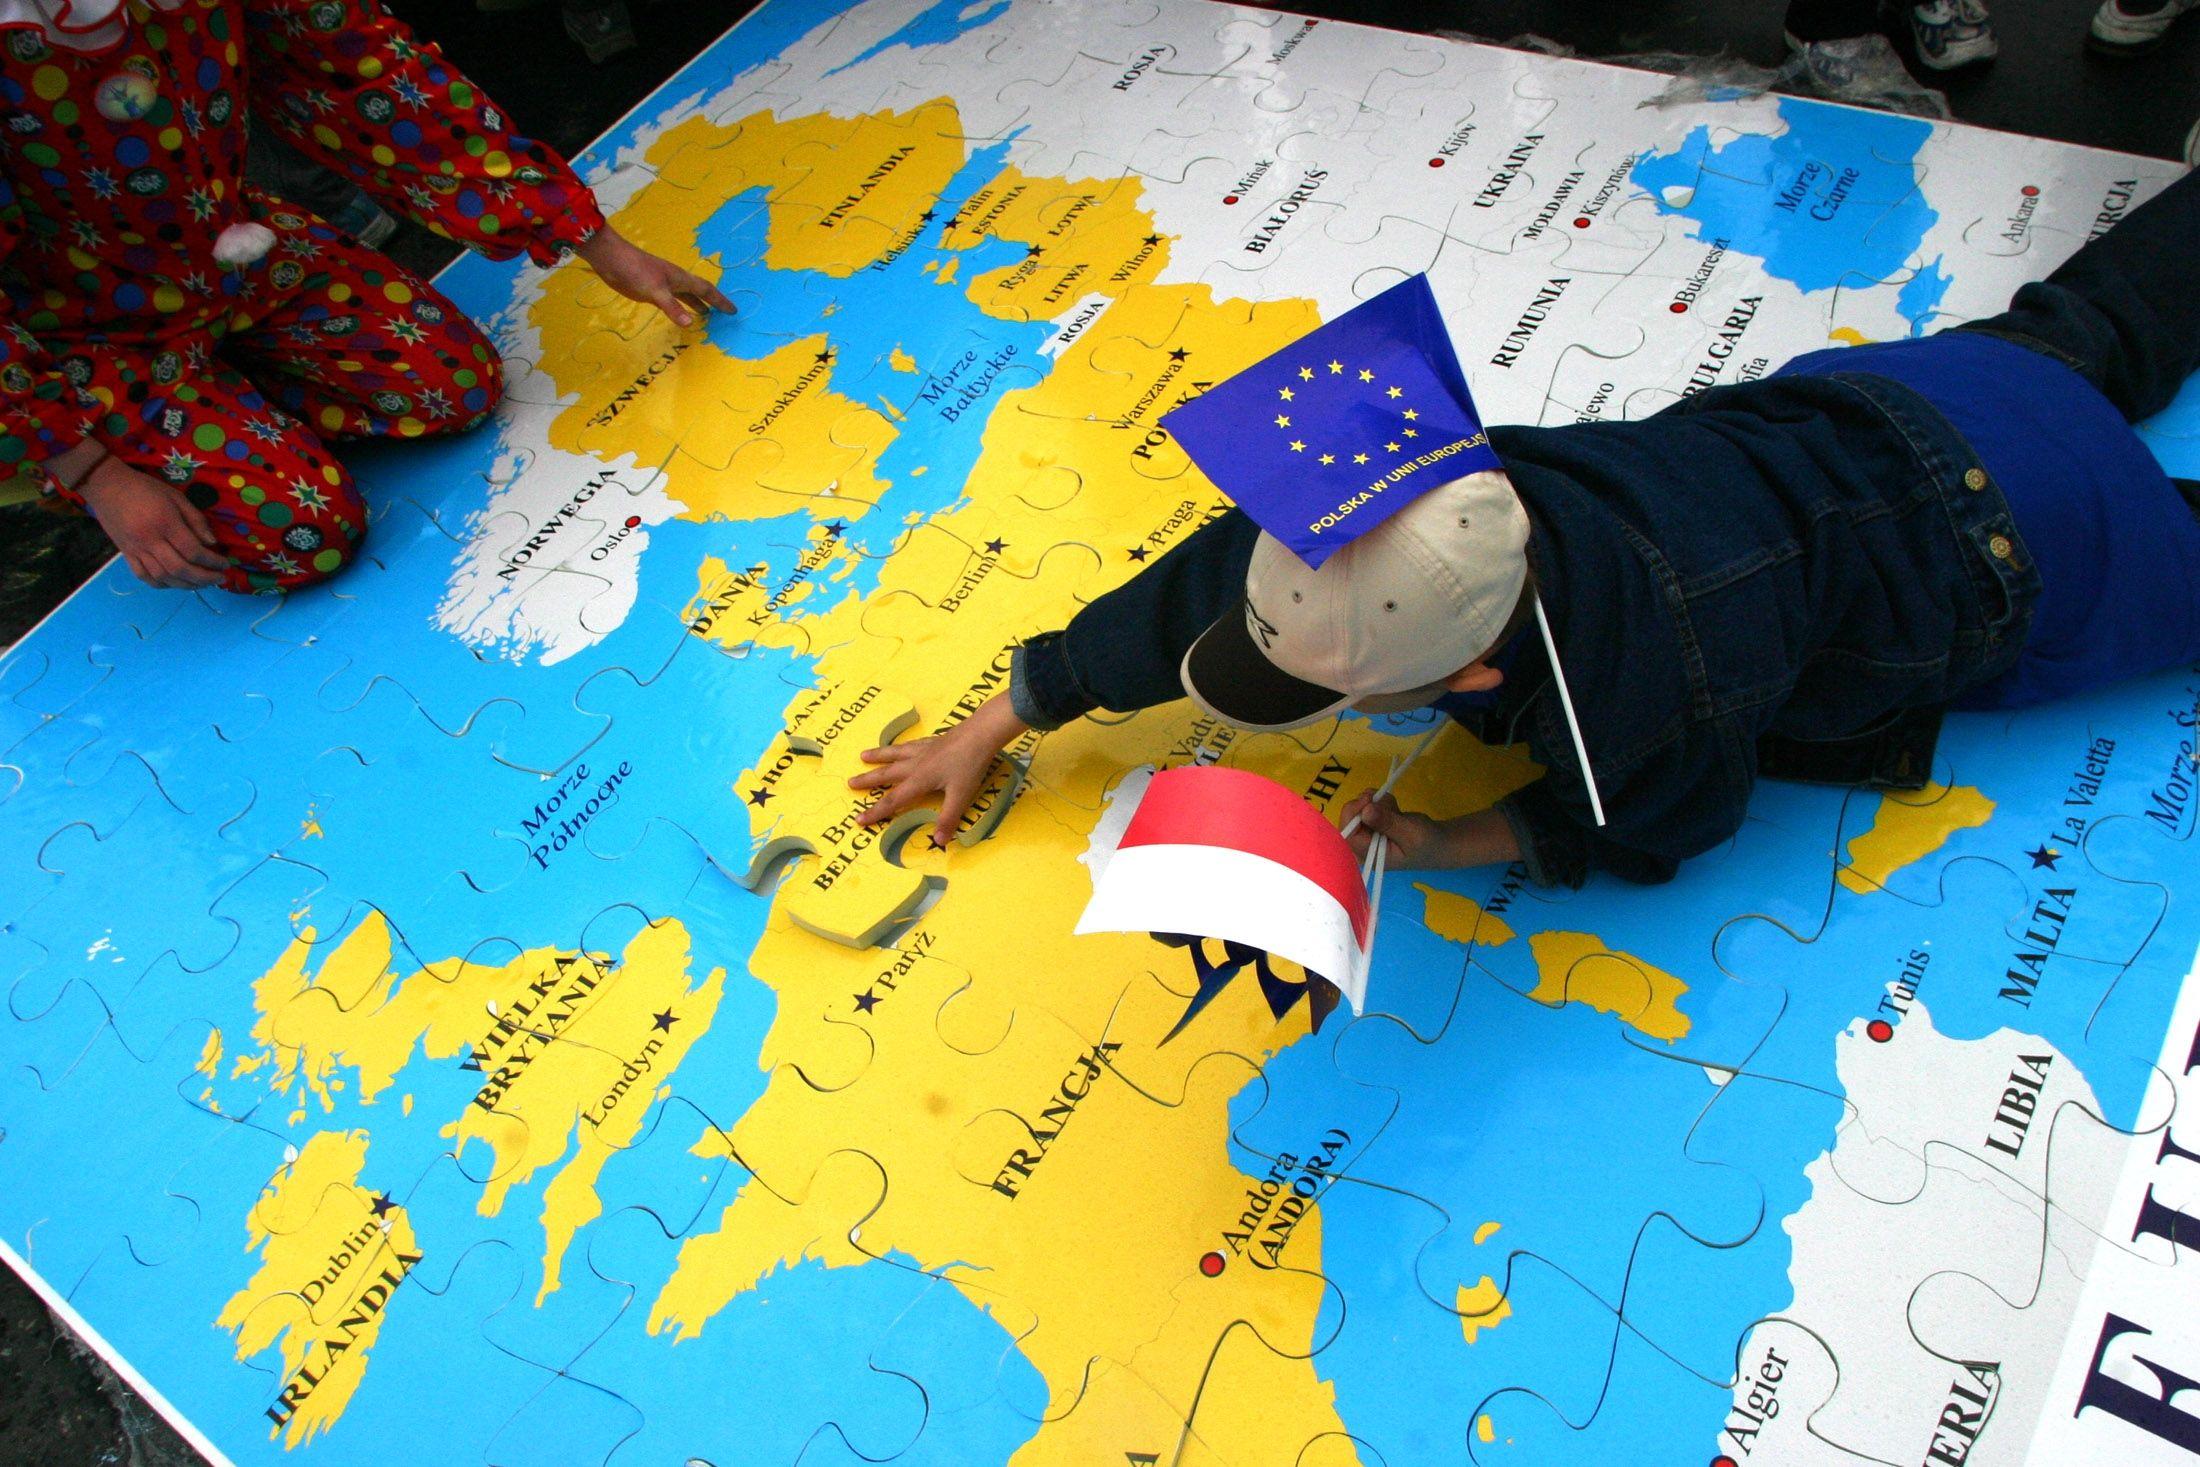 La génération née dans les années 1970 face au défi de la construction de l'identité européenne pour sauver l'Union